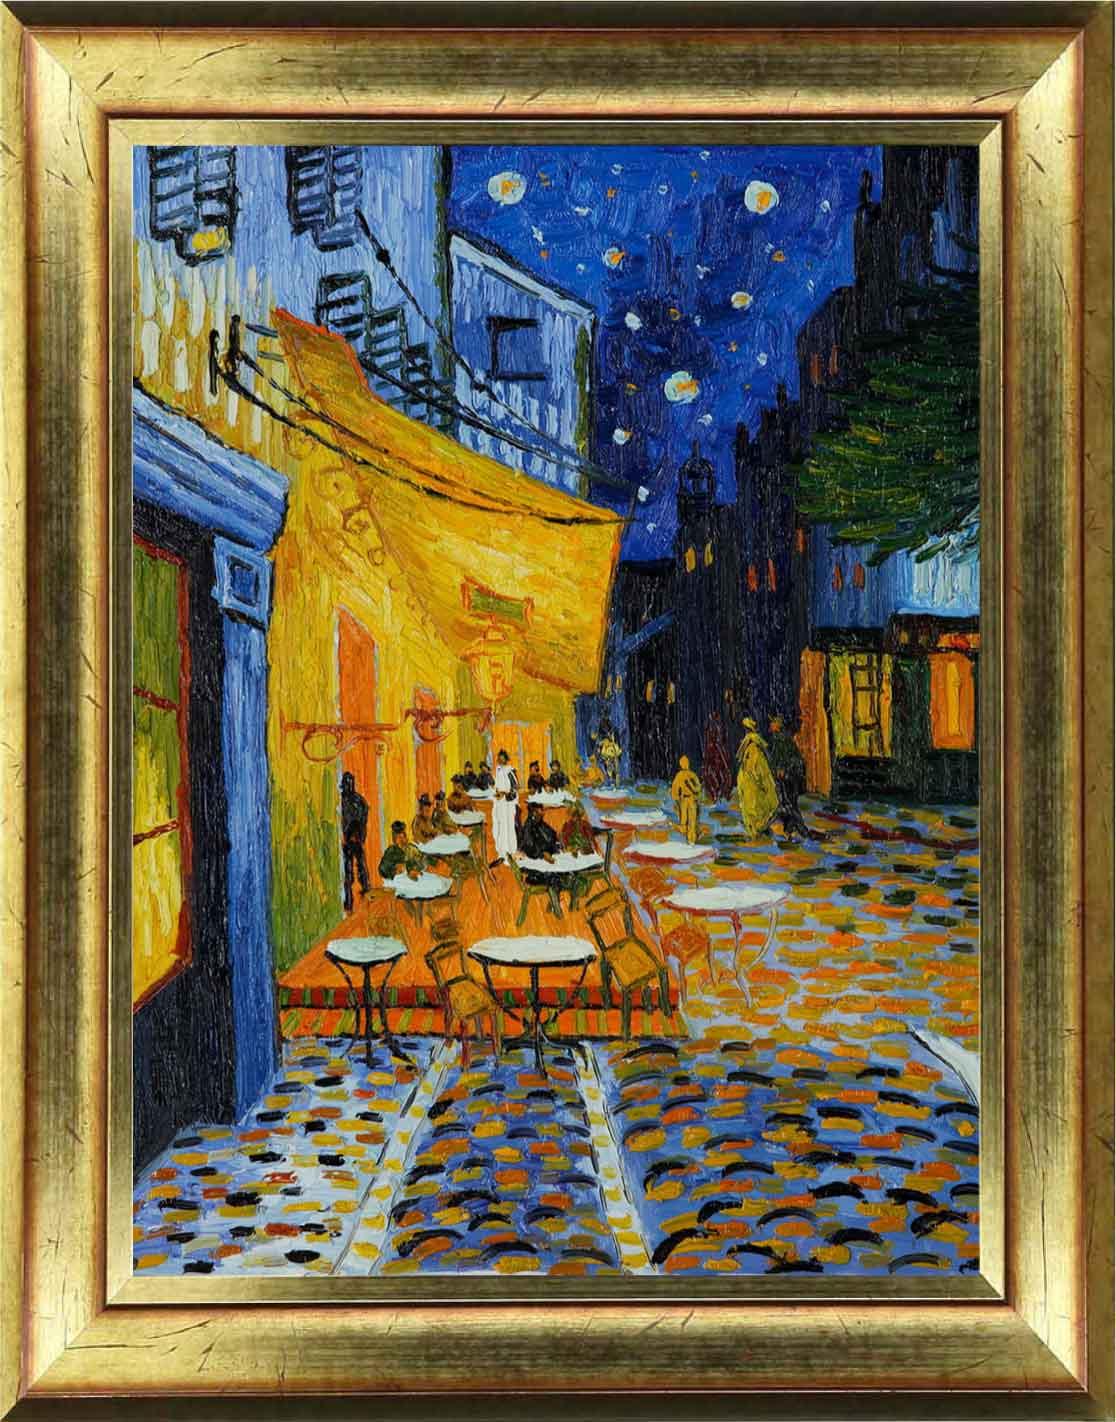 Sticker tableau van gogh caf terrasse la nuit arles stickers villes et voyages pays et - Van gogh comedores de patatas ...